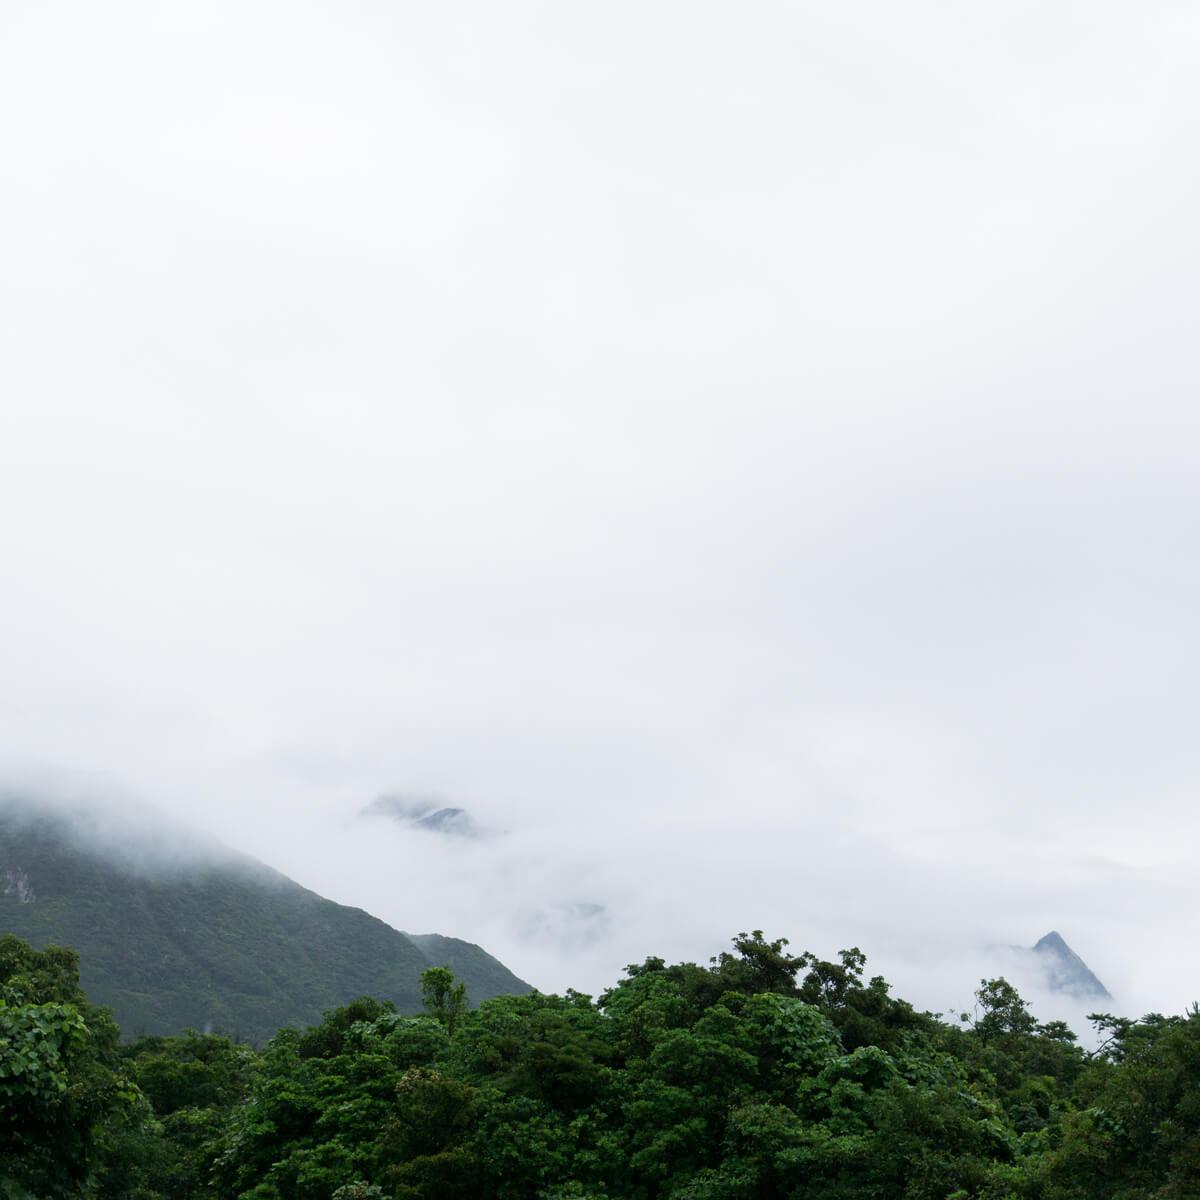 屋久島の山々 霧 屋久島日々の暮らしとジュエリー オーダーメイドジュエリーのアトリエから見える屋久島の風景